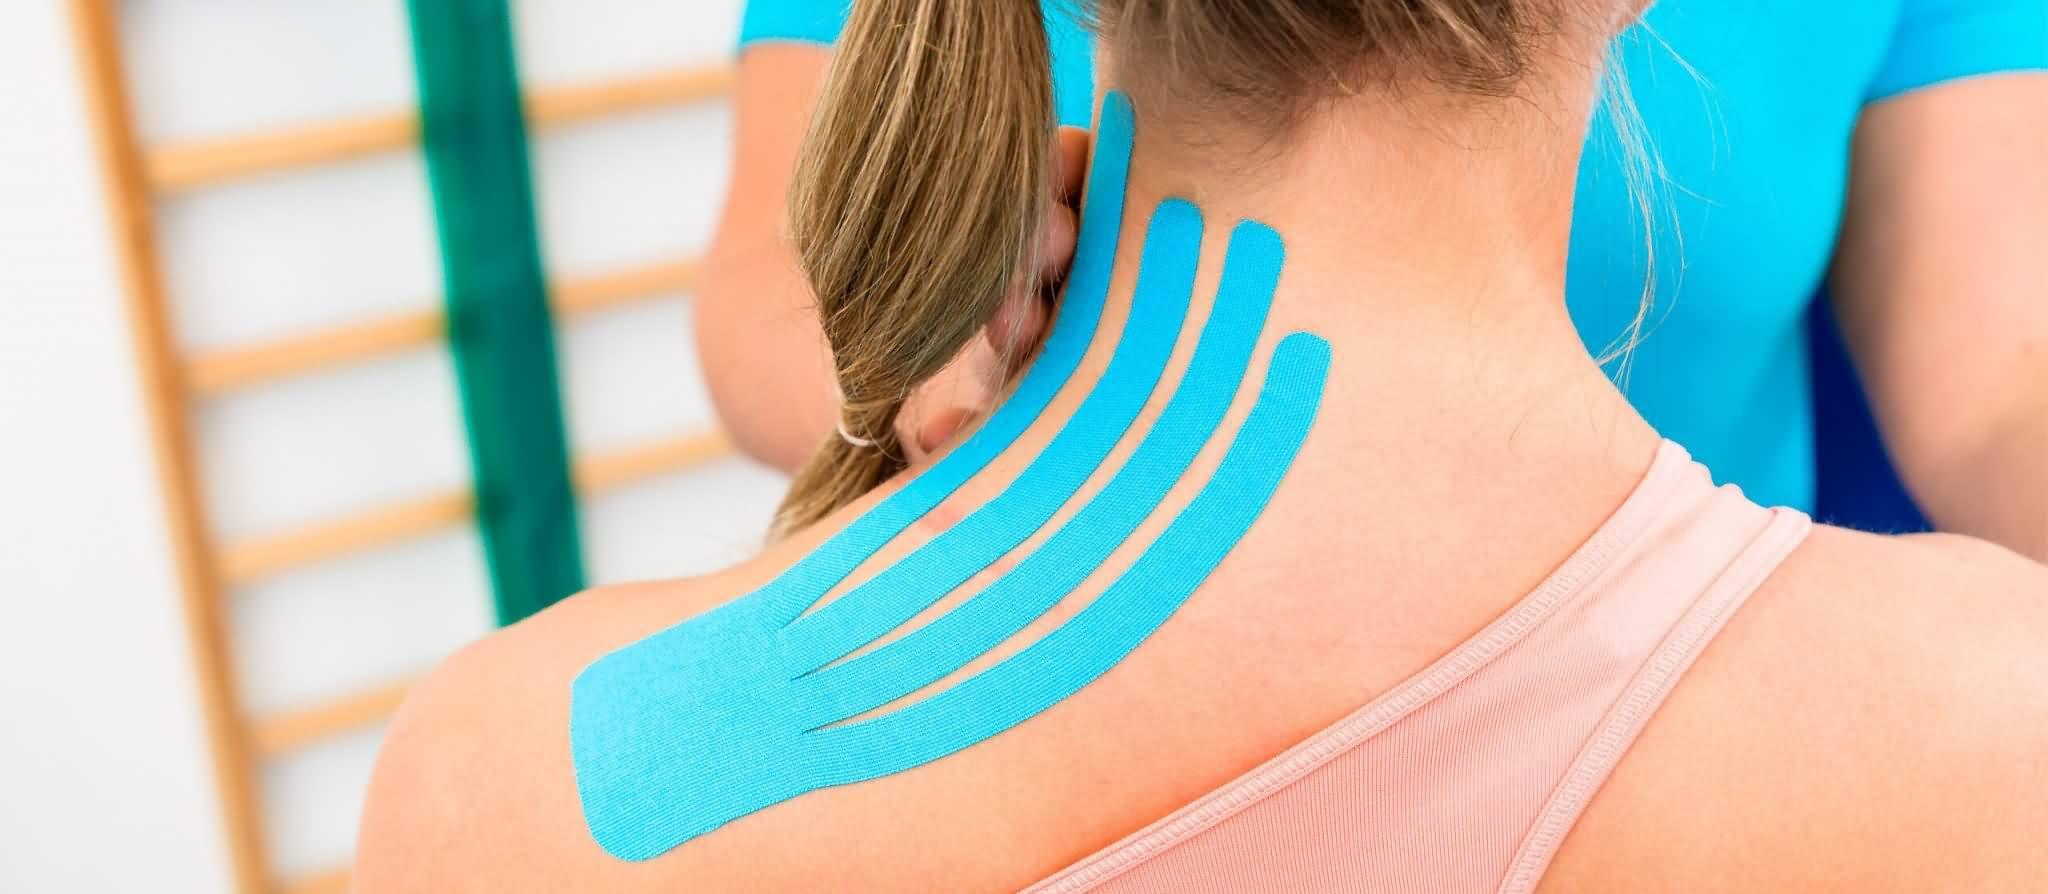 physioplus-benefits-kinesiotape-kinesio-taping-therapy